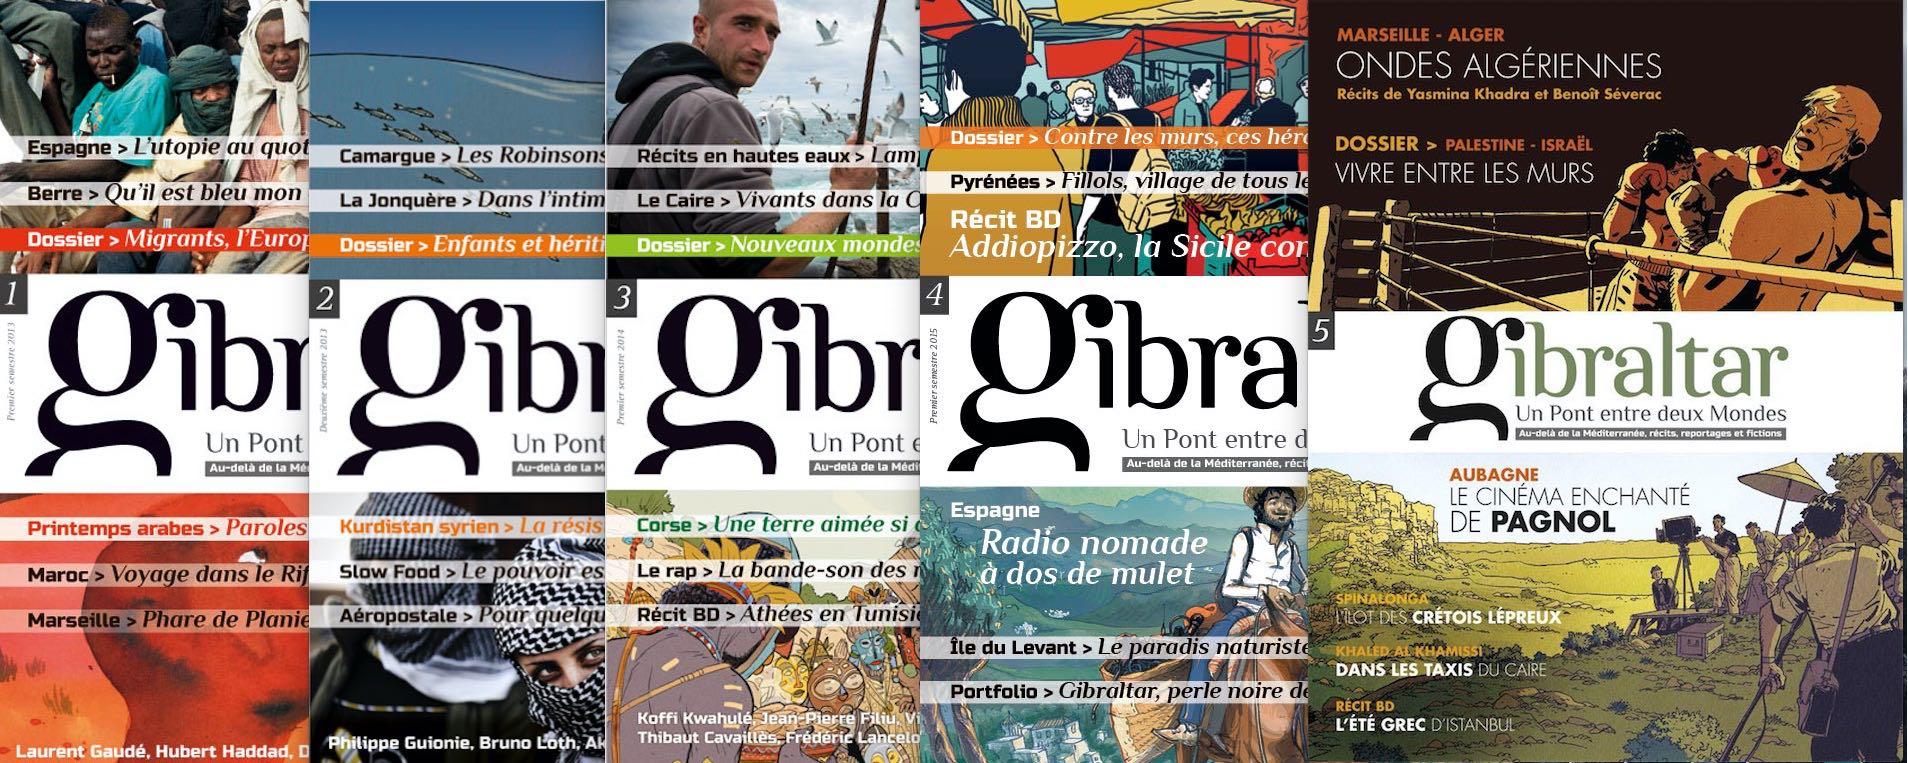 """Résultat de recherche d'images pour """"Gibraltar-revue.com"""""""